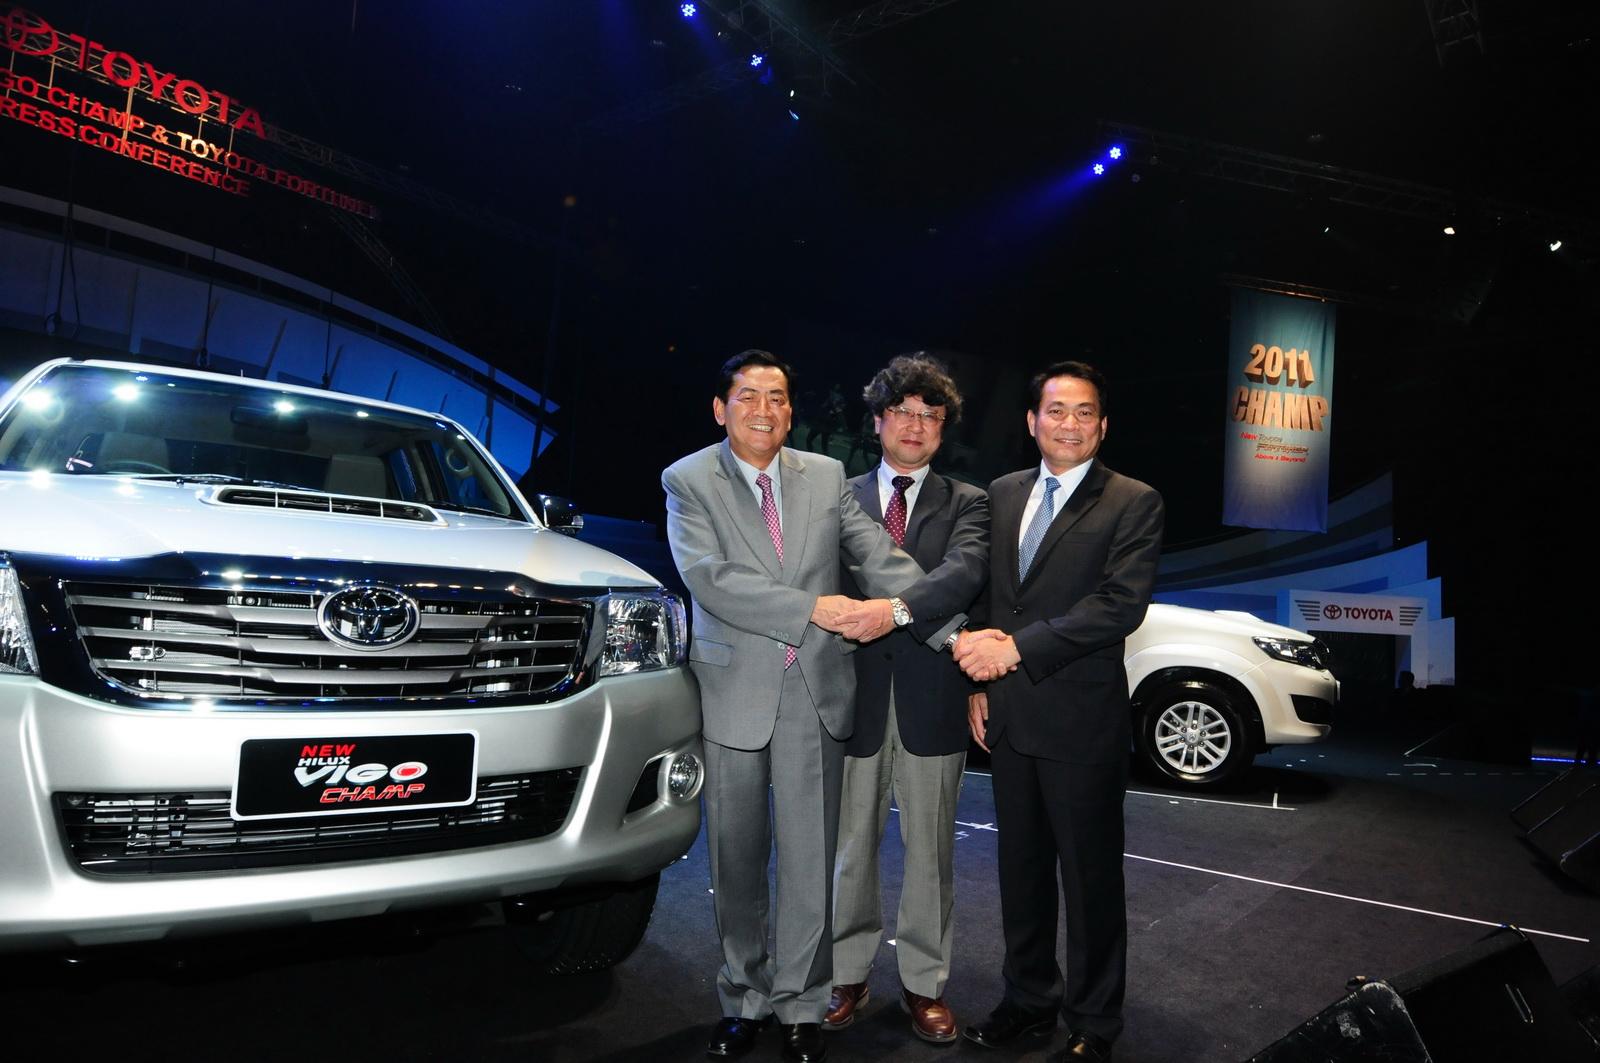 Images : 2012 Toyota Hilux (Hilux Vigo Champ for Thailand Market)